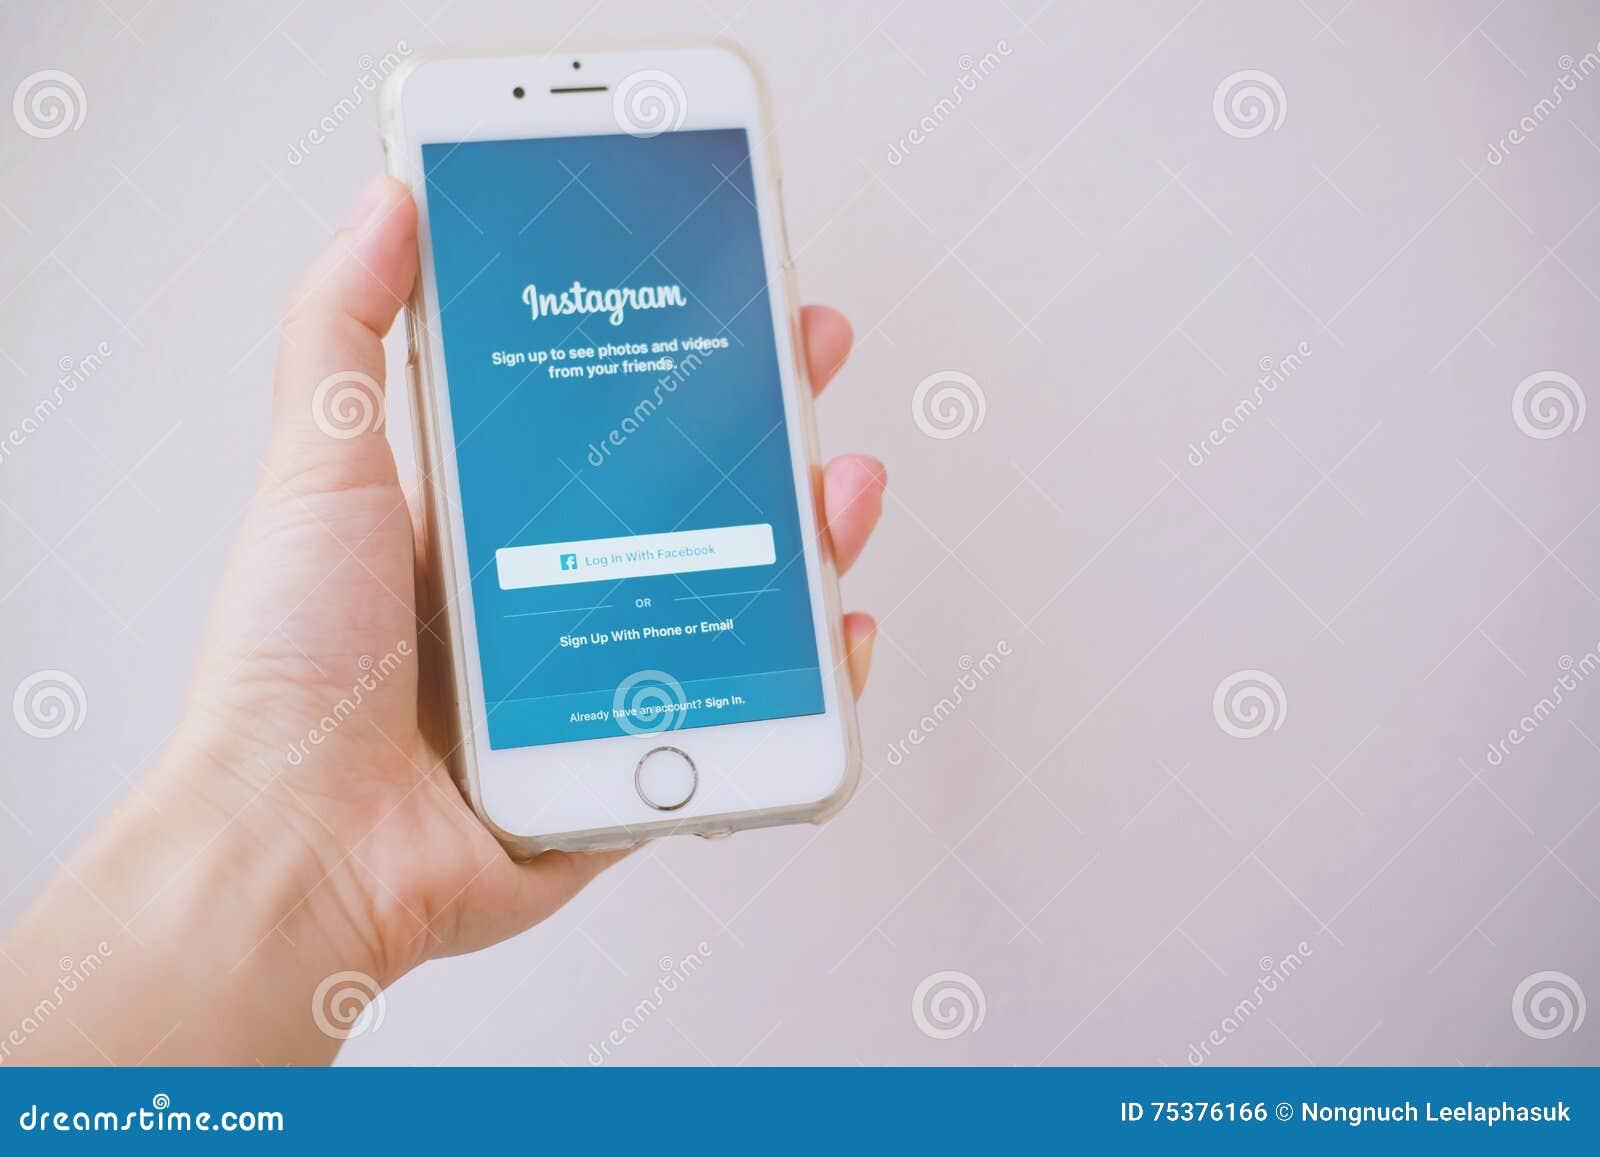 online dating Ρώμη